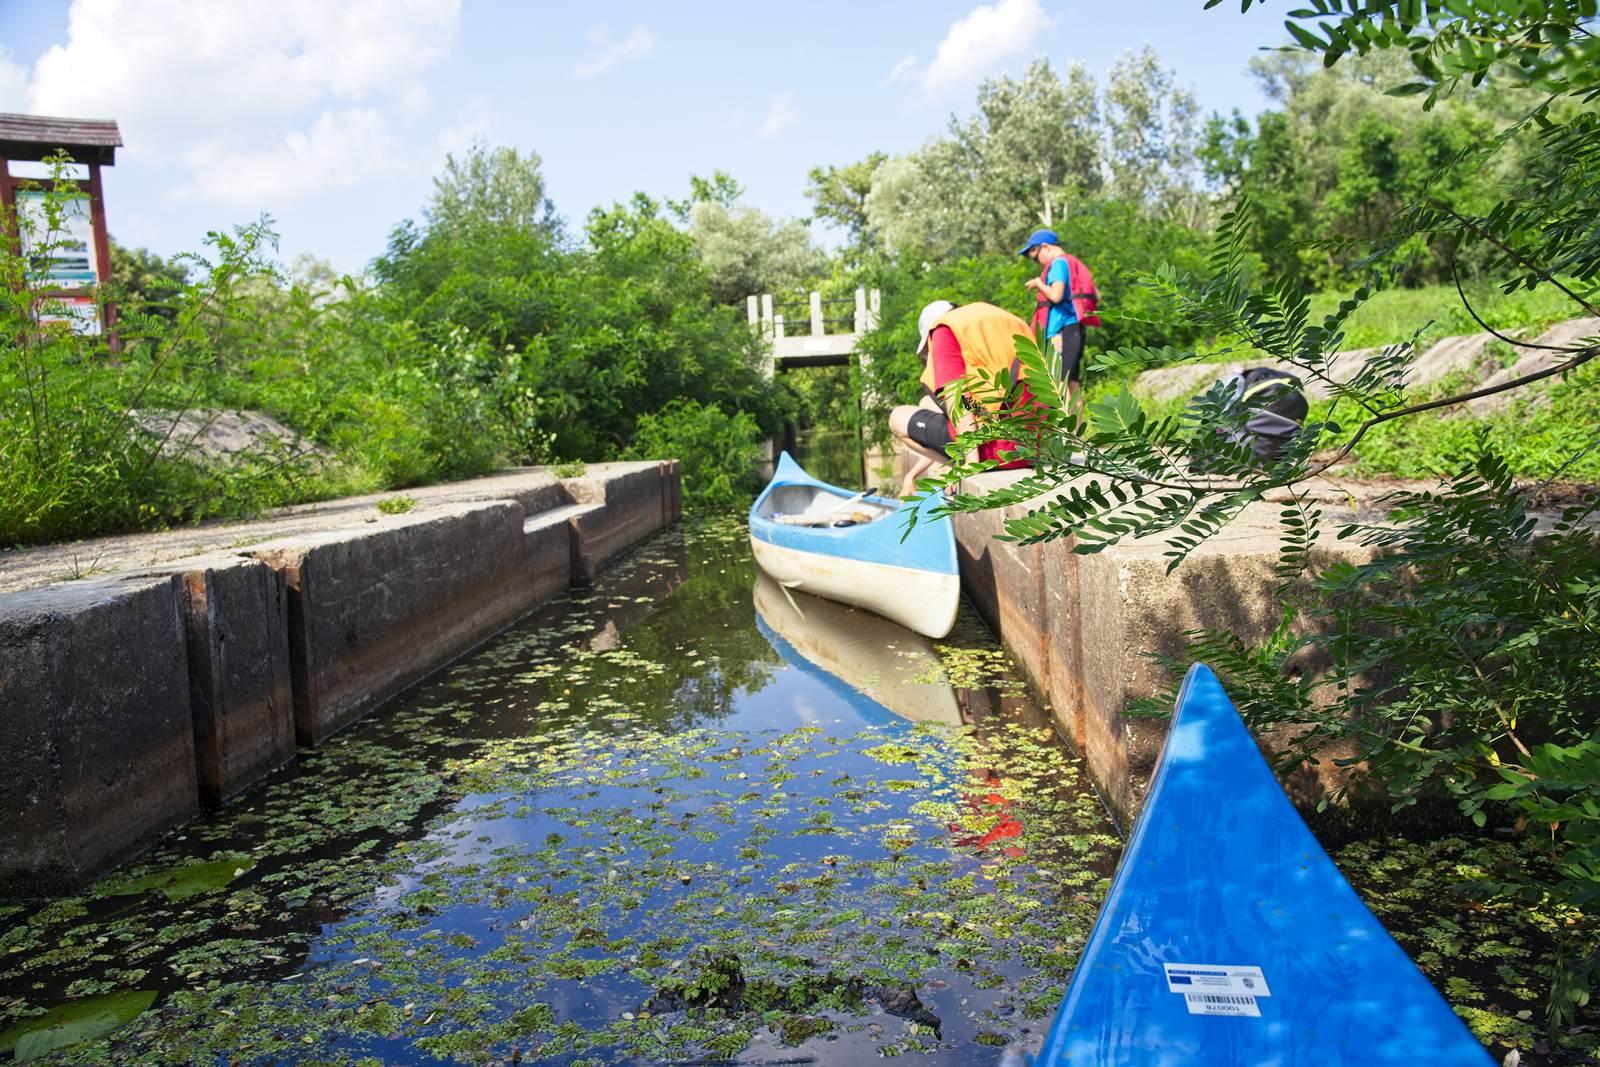 bodrogzug kanały spływ kajakowy tokaj gdzie wypozyczyc kajak